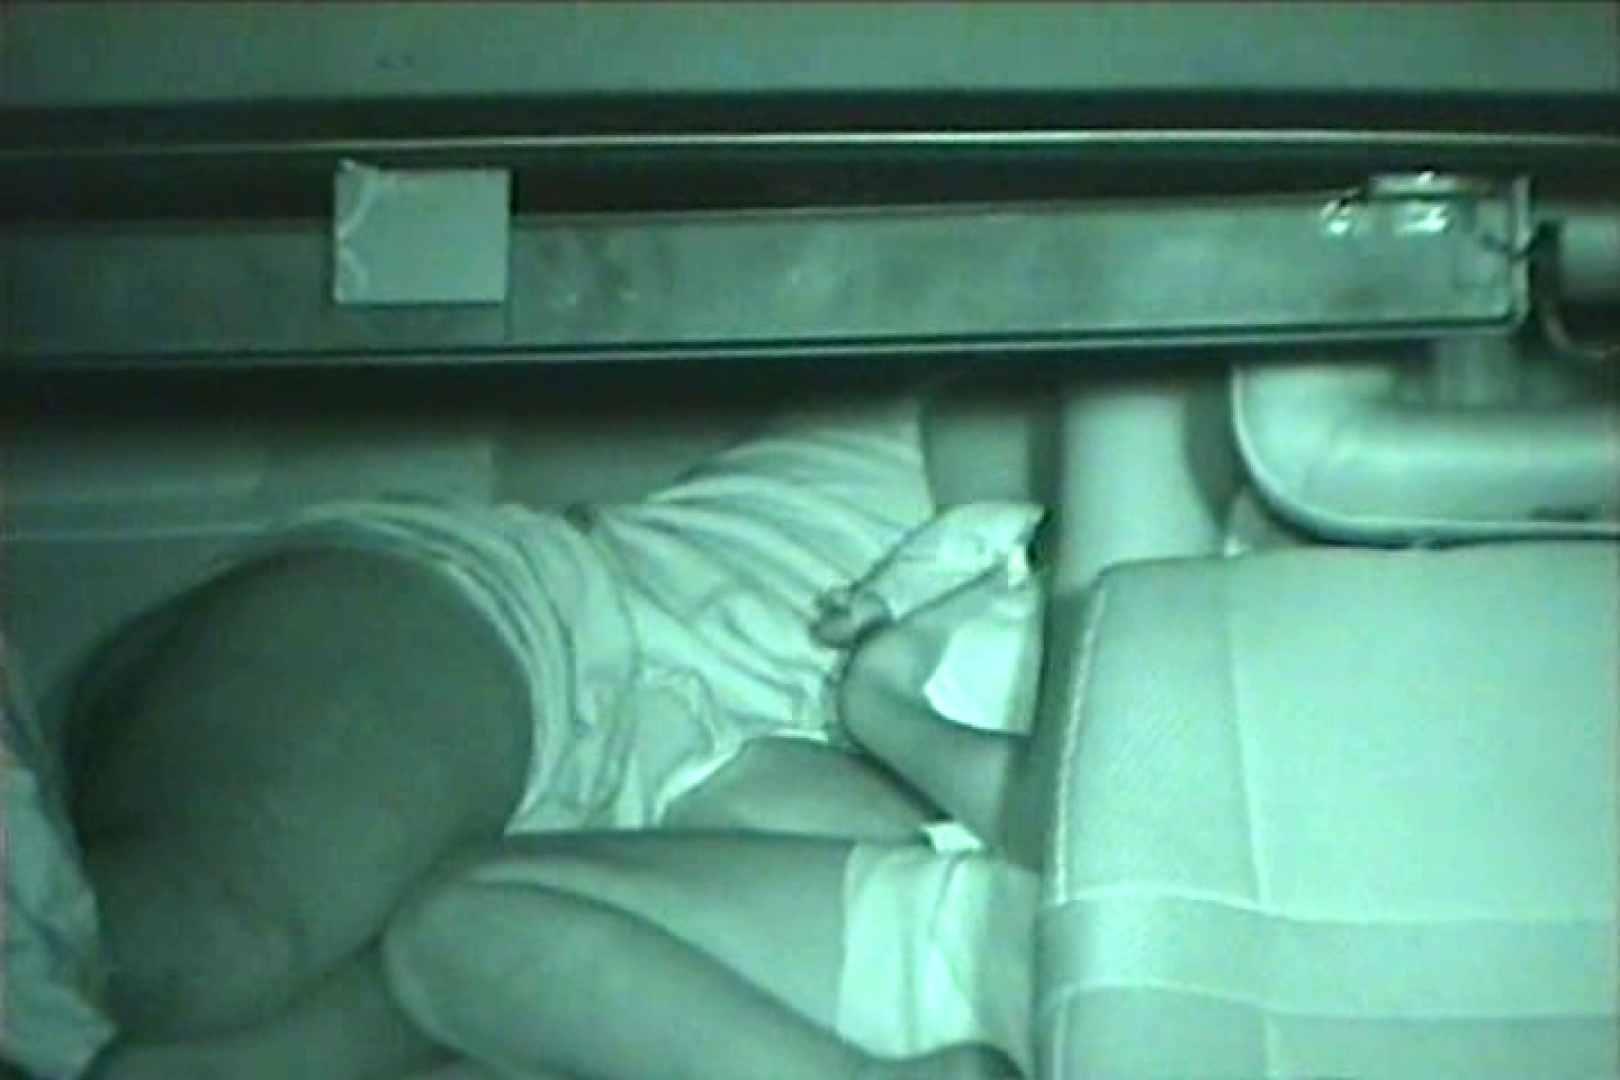 車の中はラブホテル 無修正版  Vol.25 カーセックス われめAV動画紹介 103PIX 17